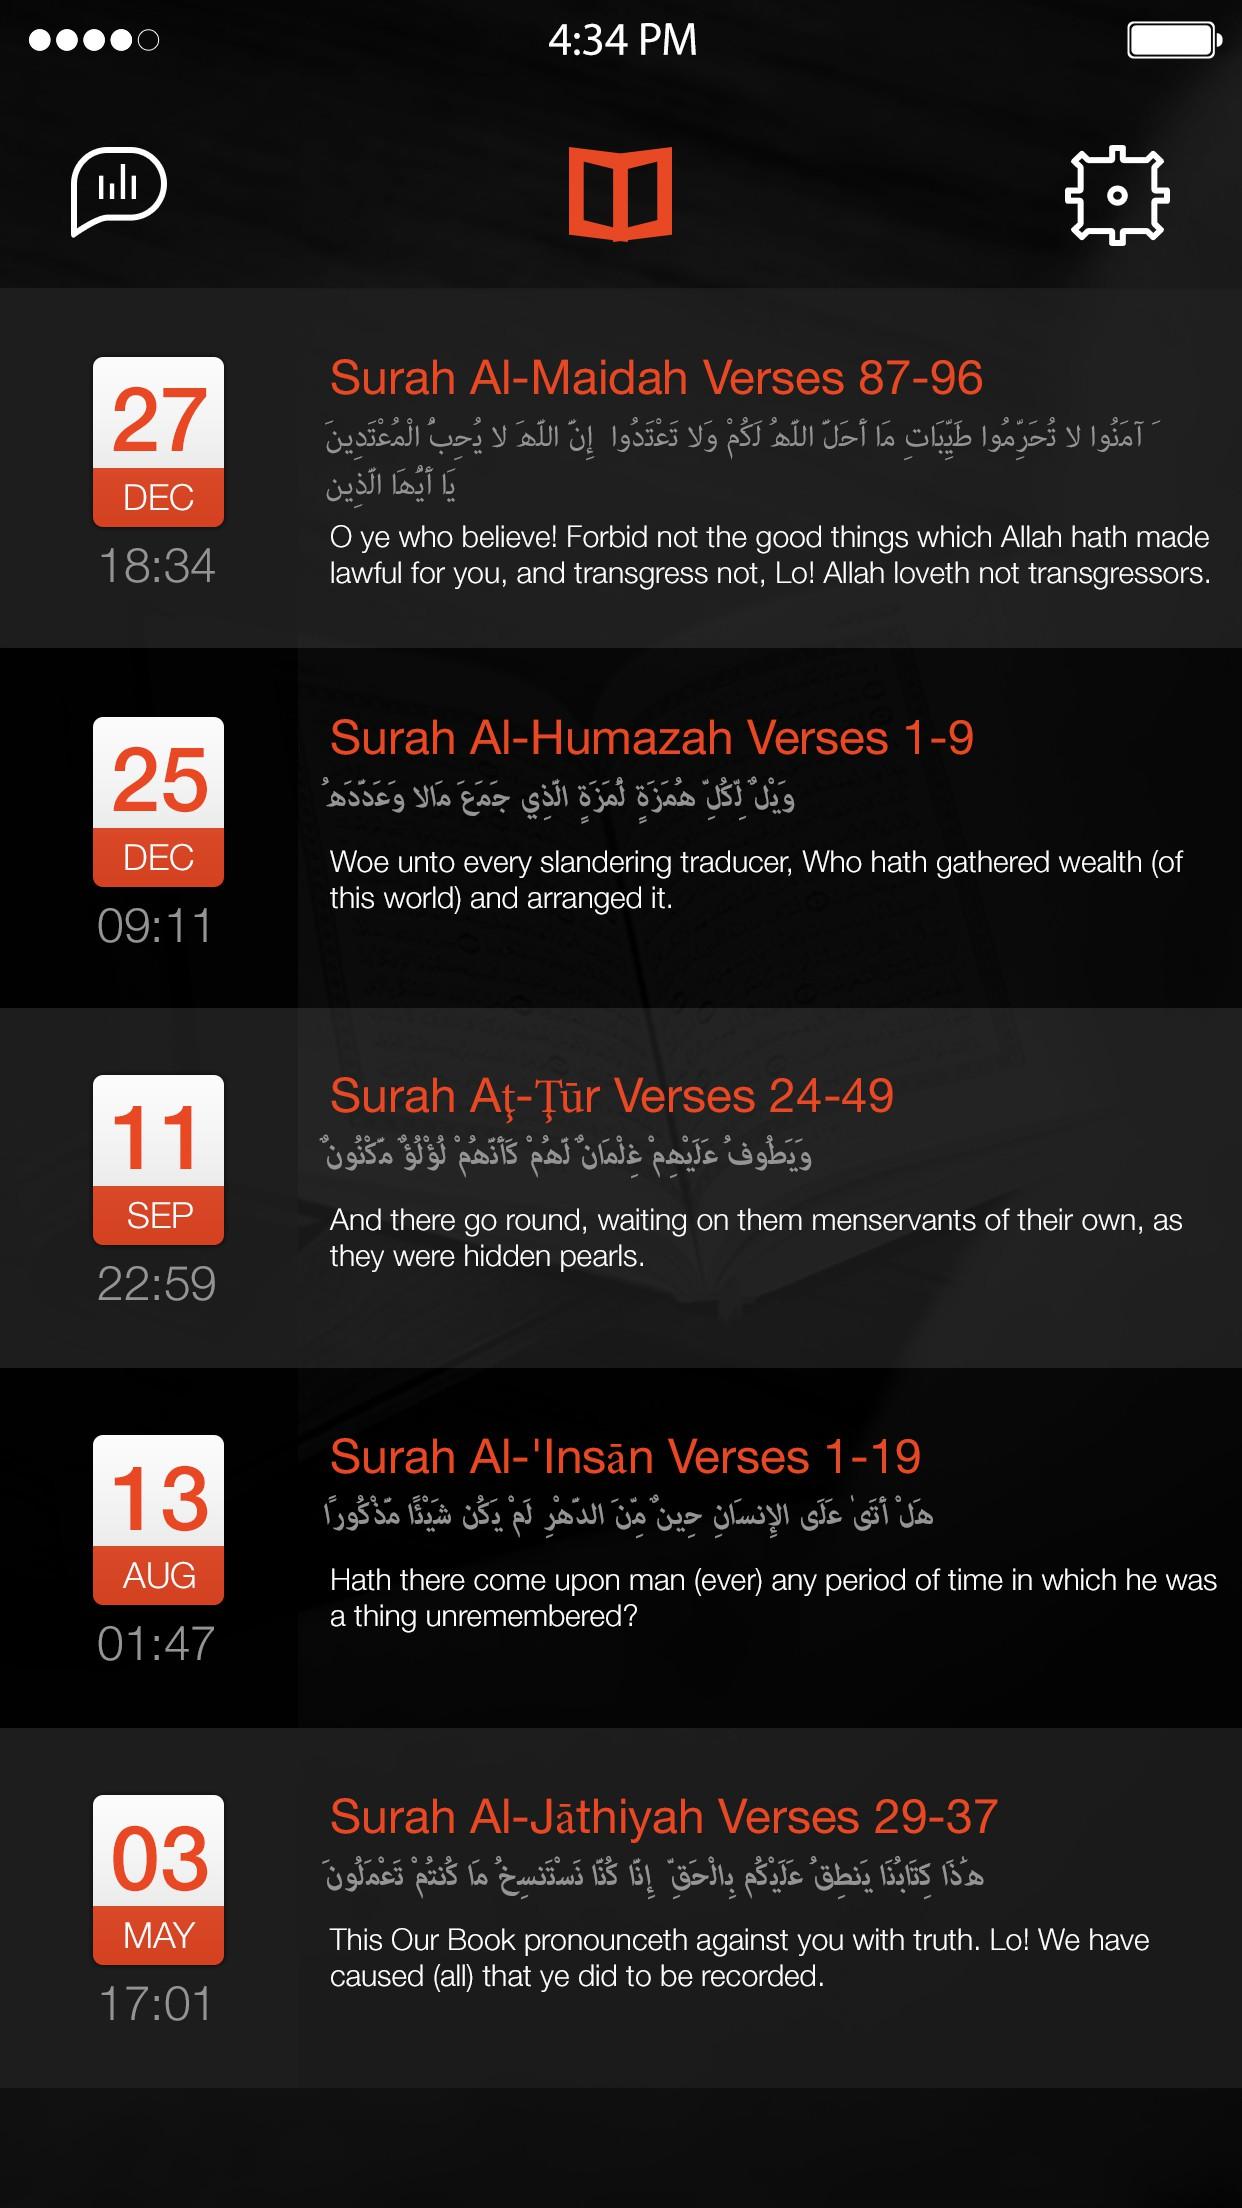 App for quran speech recignition